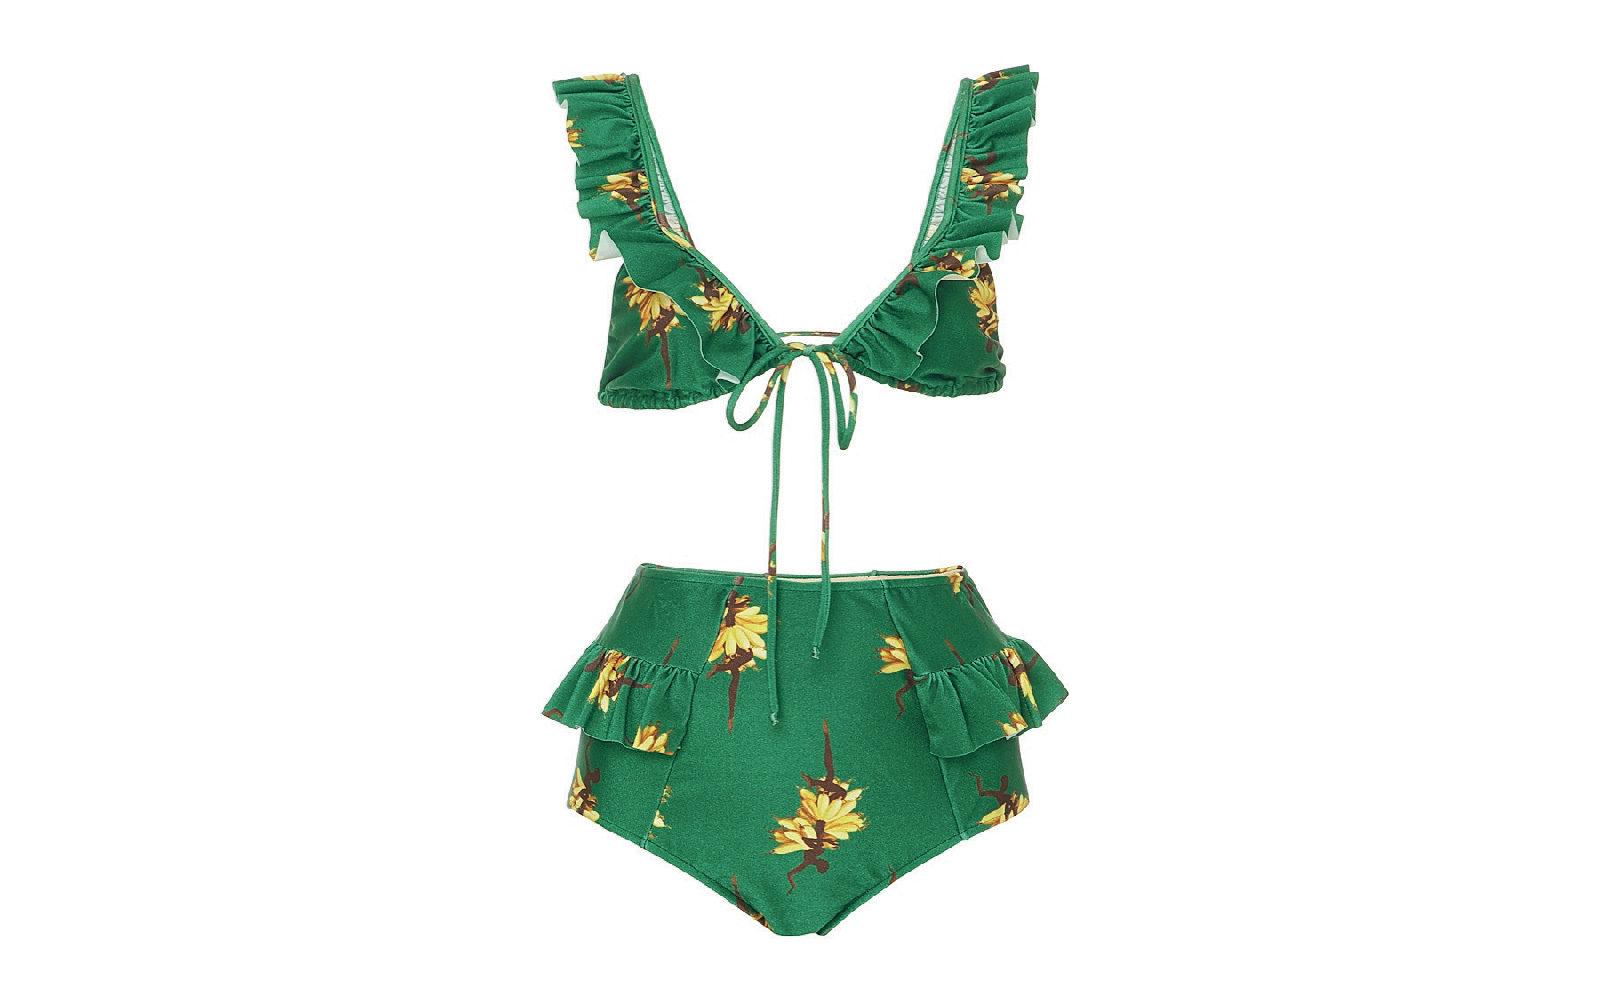 Romantico di ispirazione rétro il bikini verde con fiori gialli di Adriana Degreas con top allacciato sul davanti e slip a vita alta decorati con voile (415 euro).